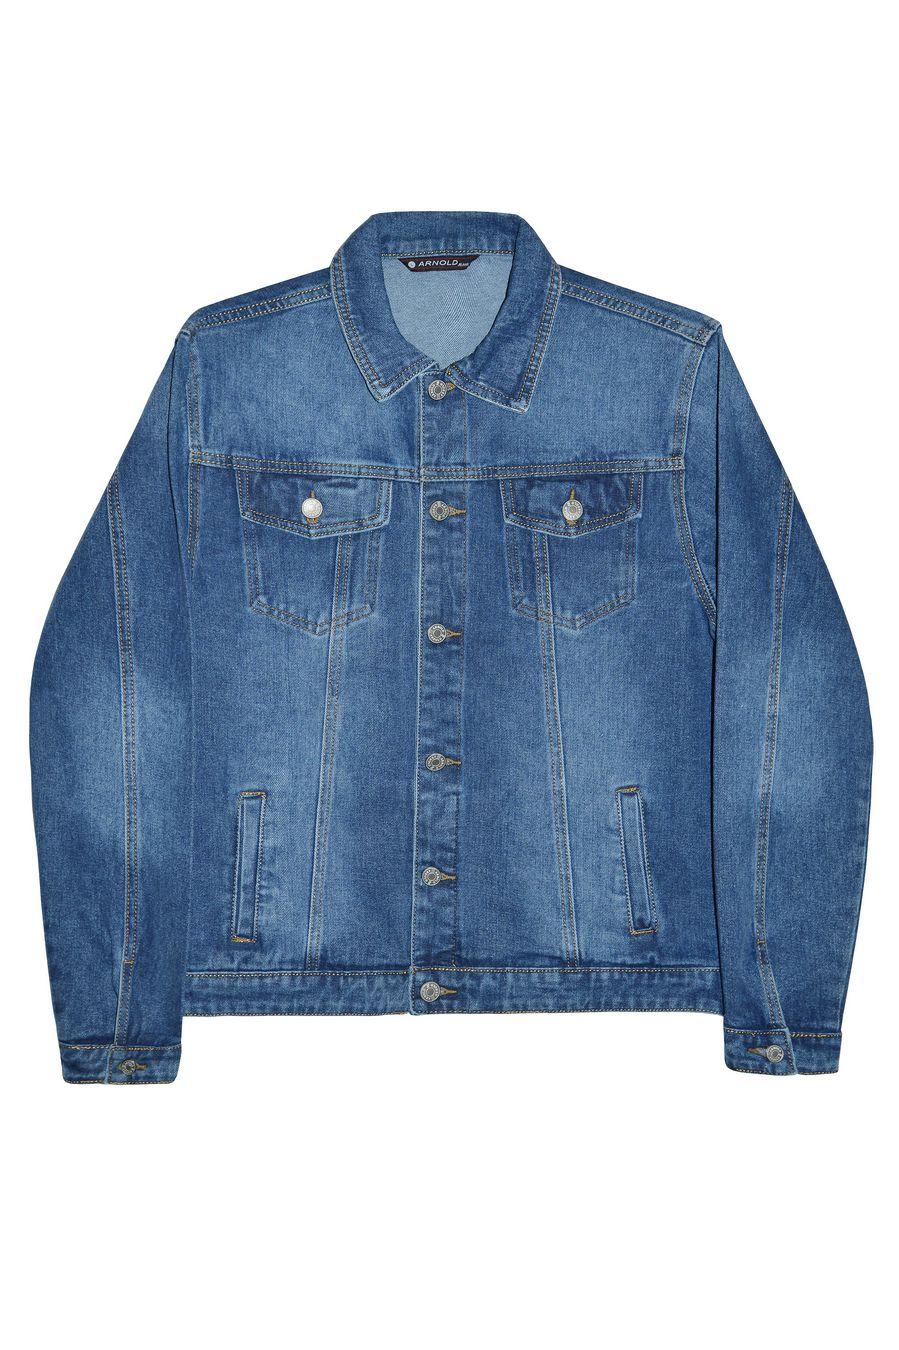 Пиджак мужской (джинсовка) Arnold 3032 - фото 1